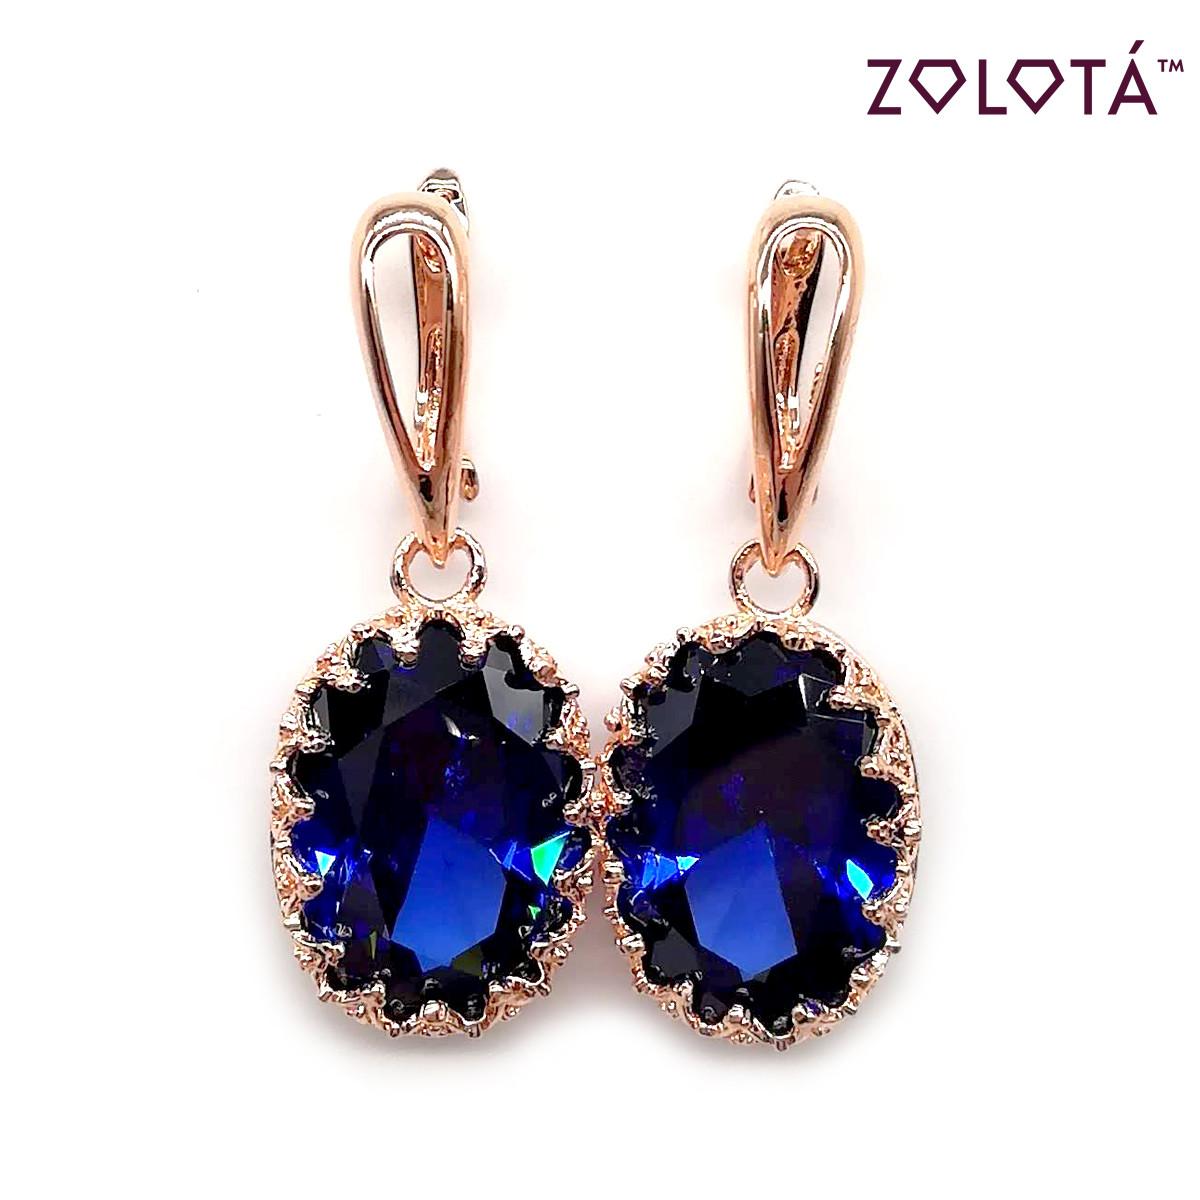 Серьги Zolota с насыщенно-синими фианитами (куб. цирконием), из медицинского золота, в позолоте, ЗЛ00074 (1)